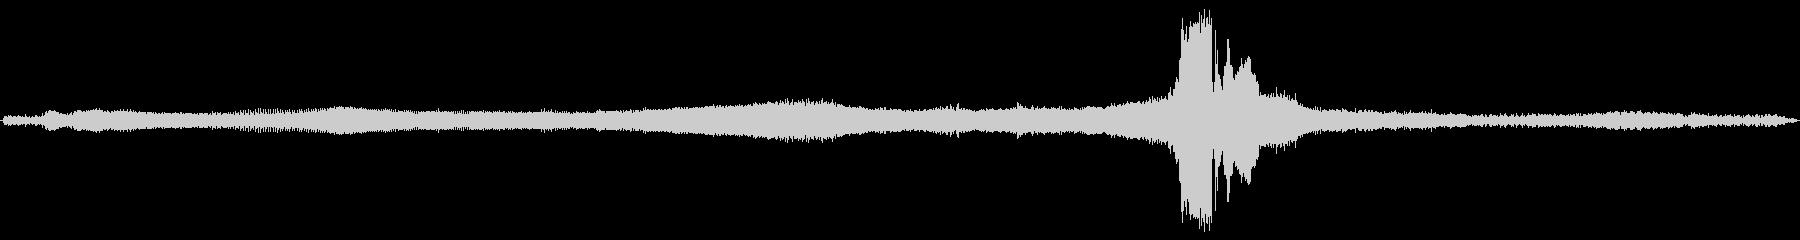 ビンテージ 車 シボレー57加速フ...の未再生の波形